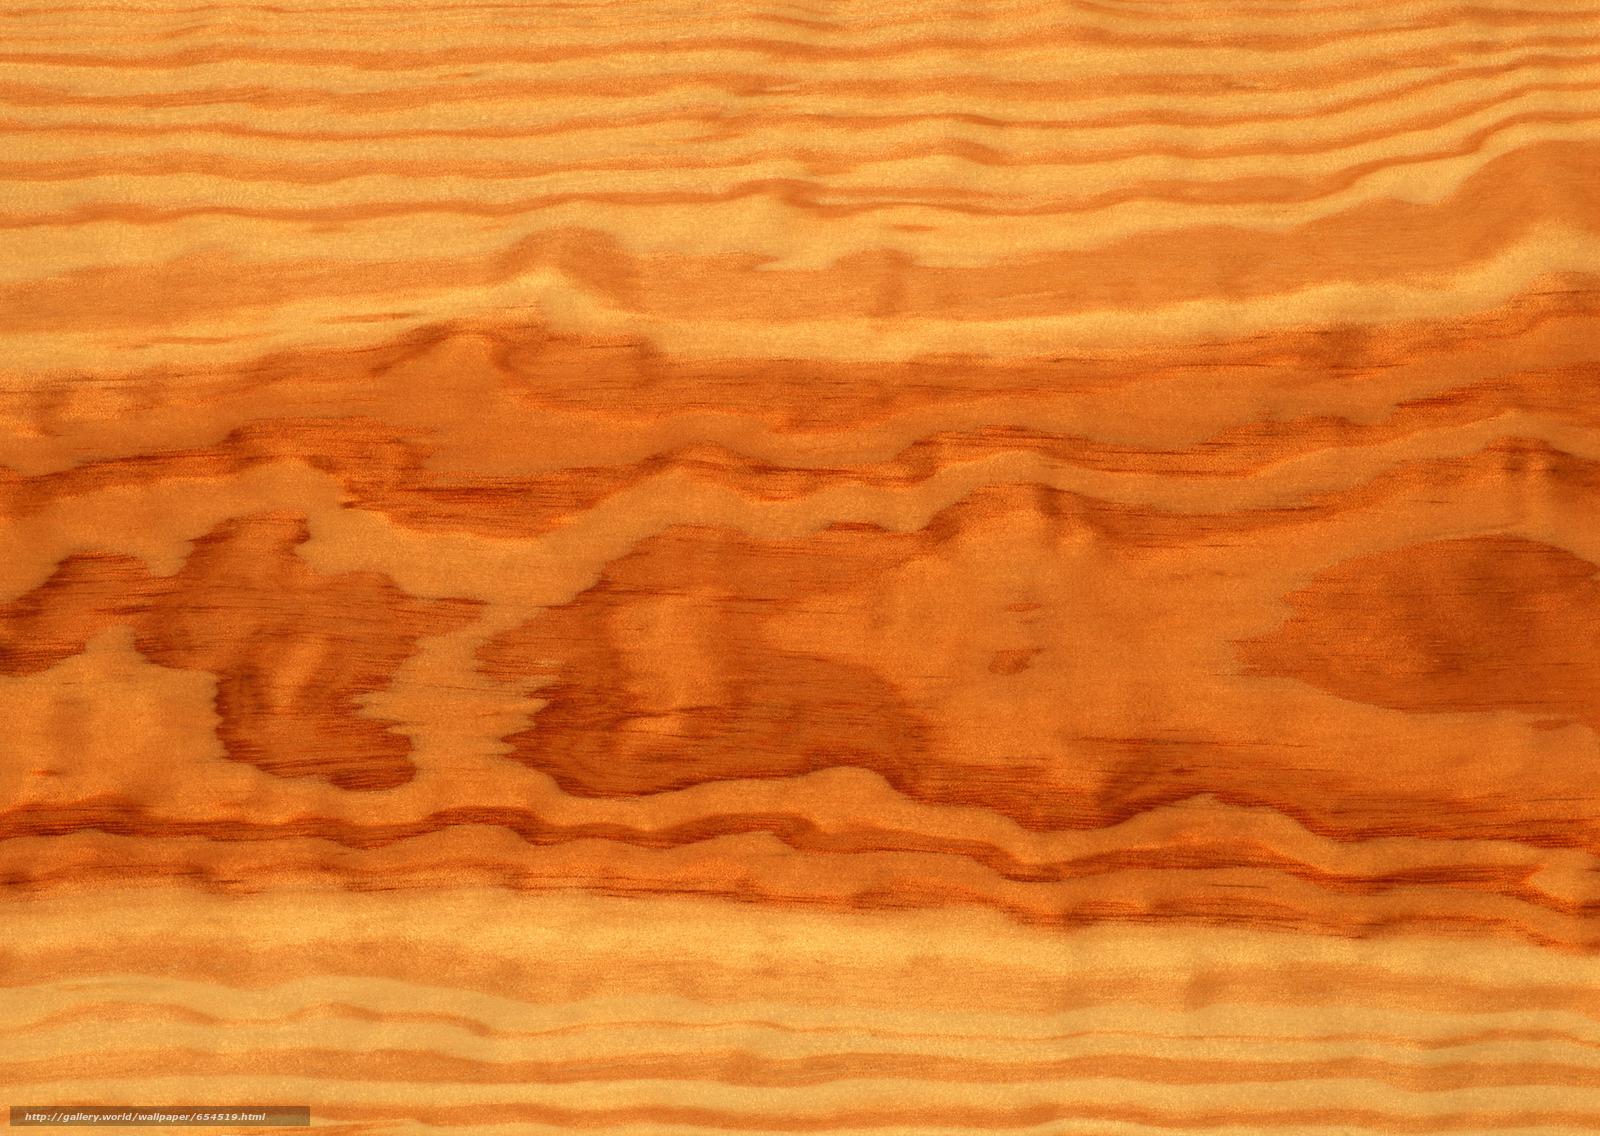 Скачать обои текстура,  текстуры,  дерево,  фон бесплатно для рабочего стола в разрешении 2950x2094 — картинка №654519